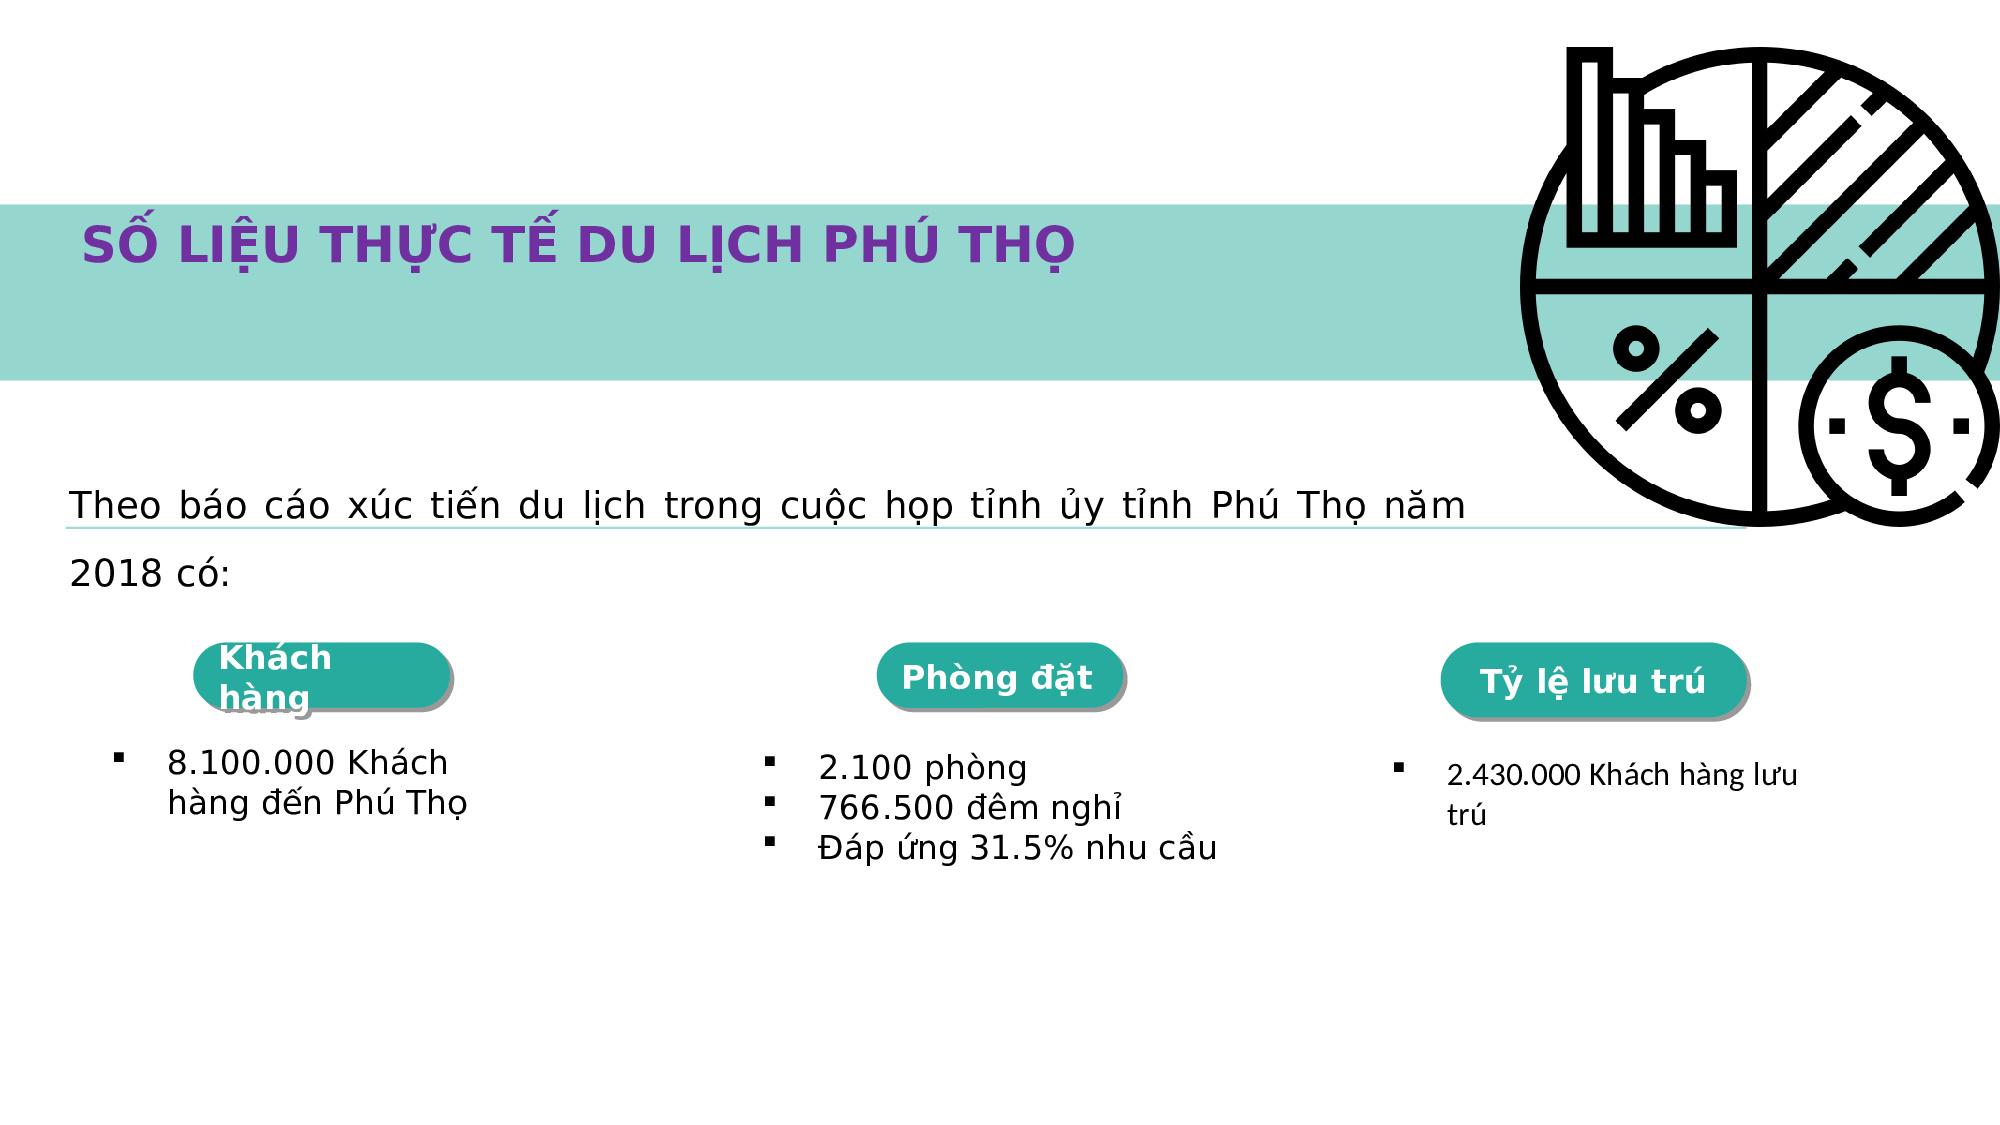 de-thuyet-trinh-whttnew291119edited-11